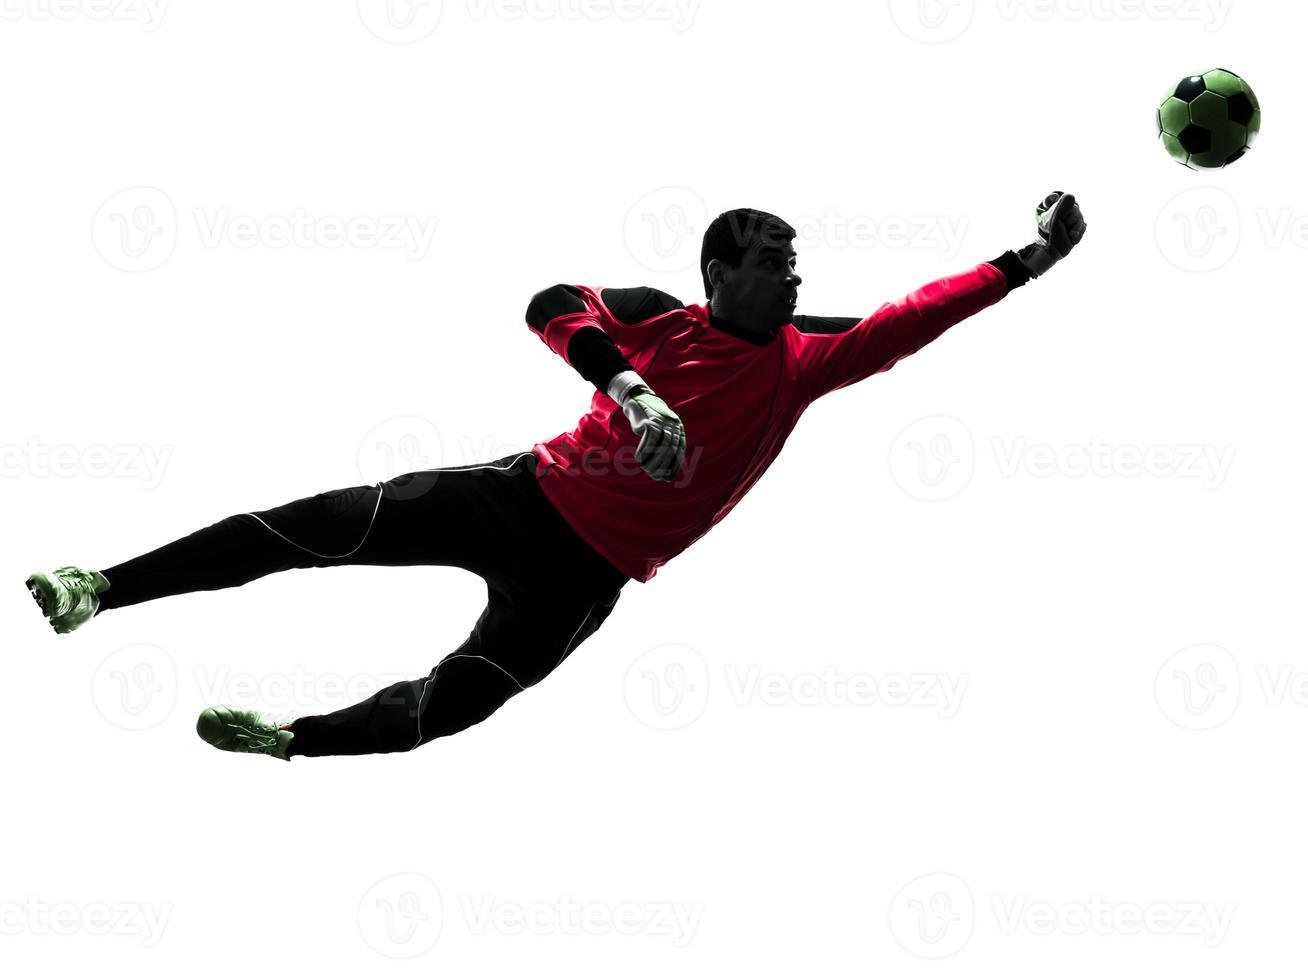 kaukasiska fotbollsspelare målvakt man stansning boll silhuett foto